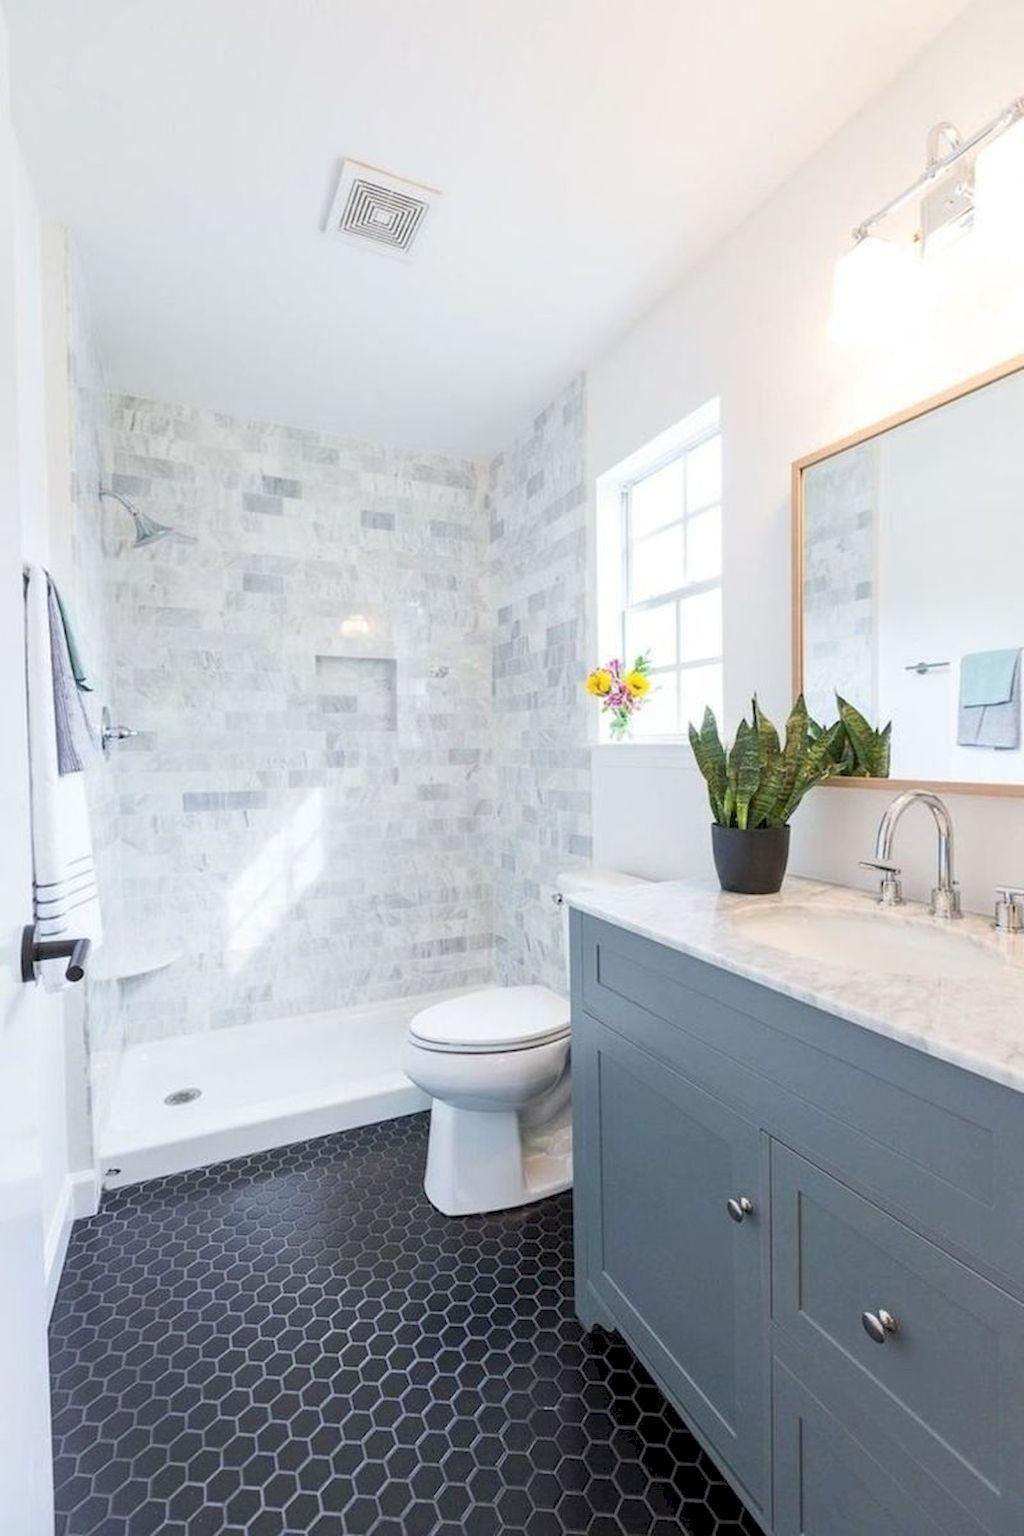 Luxus Hausrenovierung Wie Wahlt Man Das Beste Badezimmer Kronleuchter #21: Sieh Dir Diese Und Weitere Ideen An!